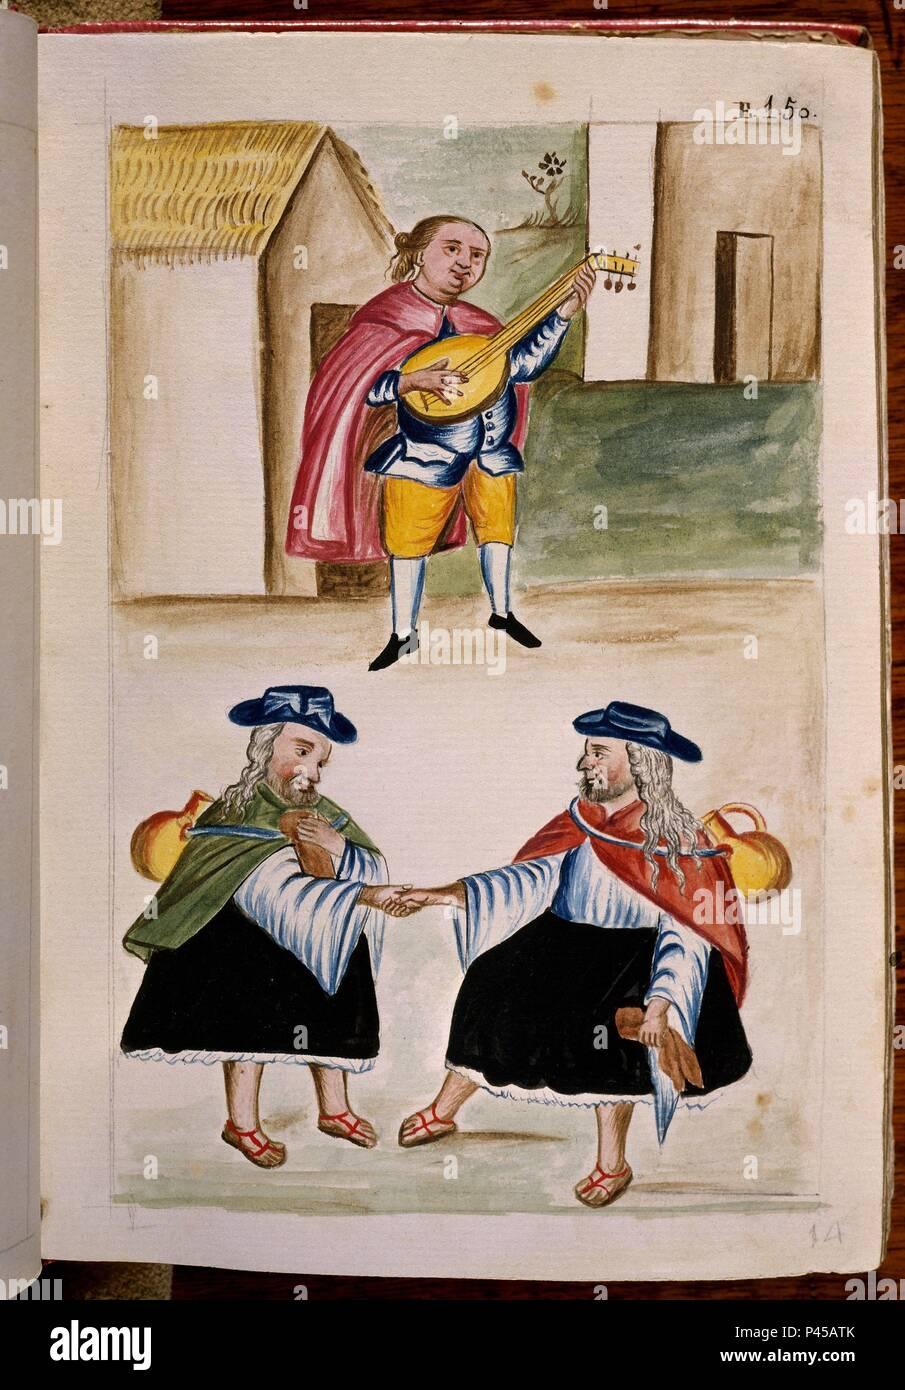 CODICE TRUJILLO DEL PERU - TOMO II E 150 - DANZA DE HOMBRES VESTIDOS DE MUJER - ACUARELA - SIGLO XVIII. Author: Baltasar Jaime Martínez Compañón (1737-1797). Location: PALACIO REAL-BIBLIOTECA, MADRID, SPAIN. - Stock Image